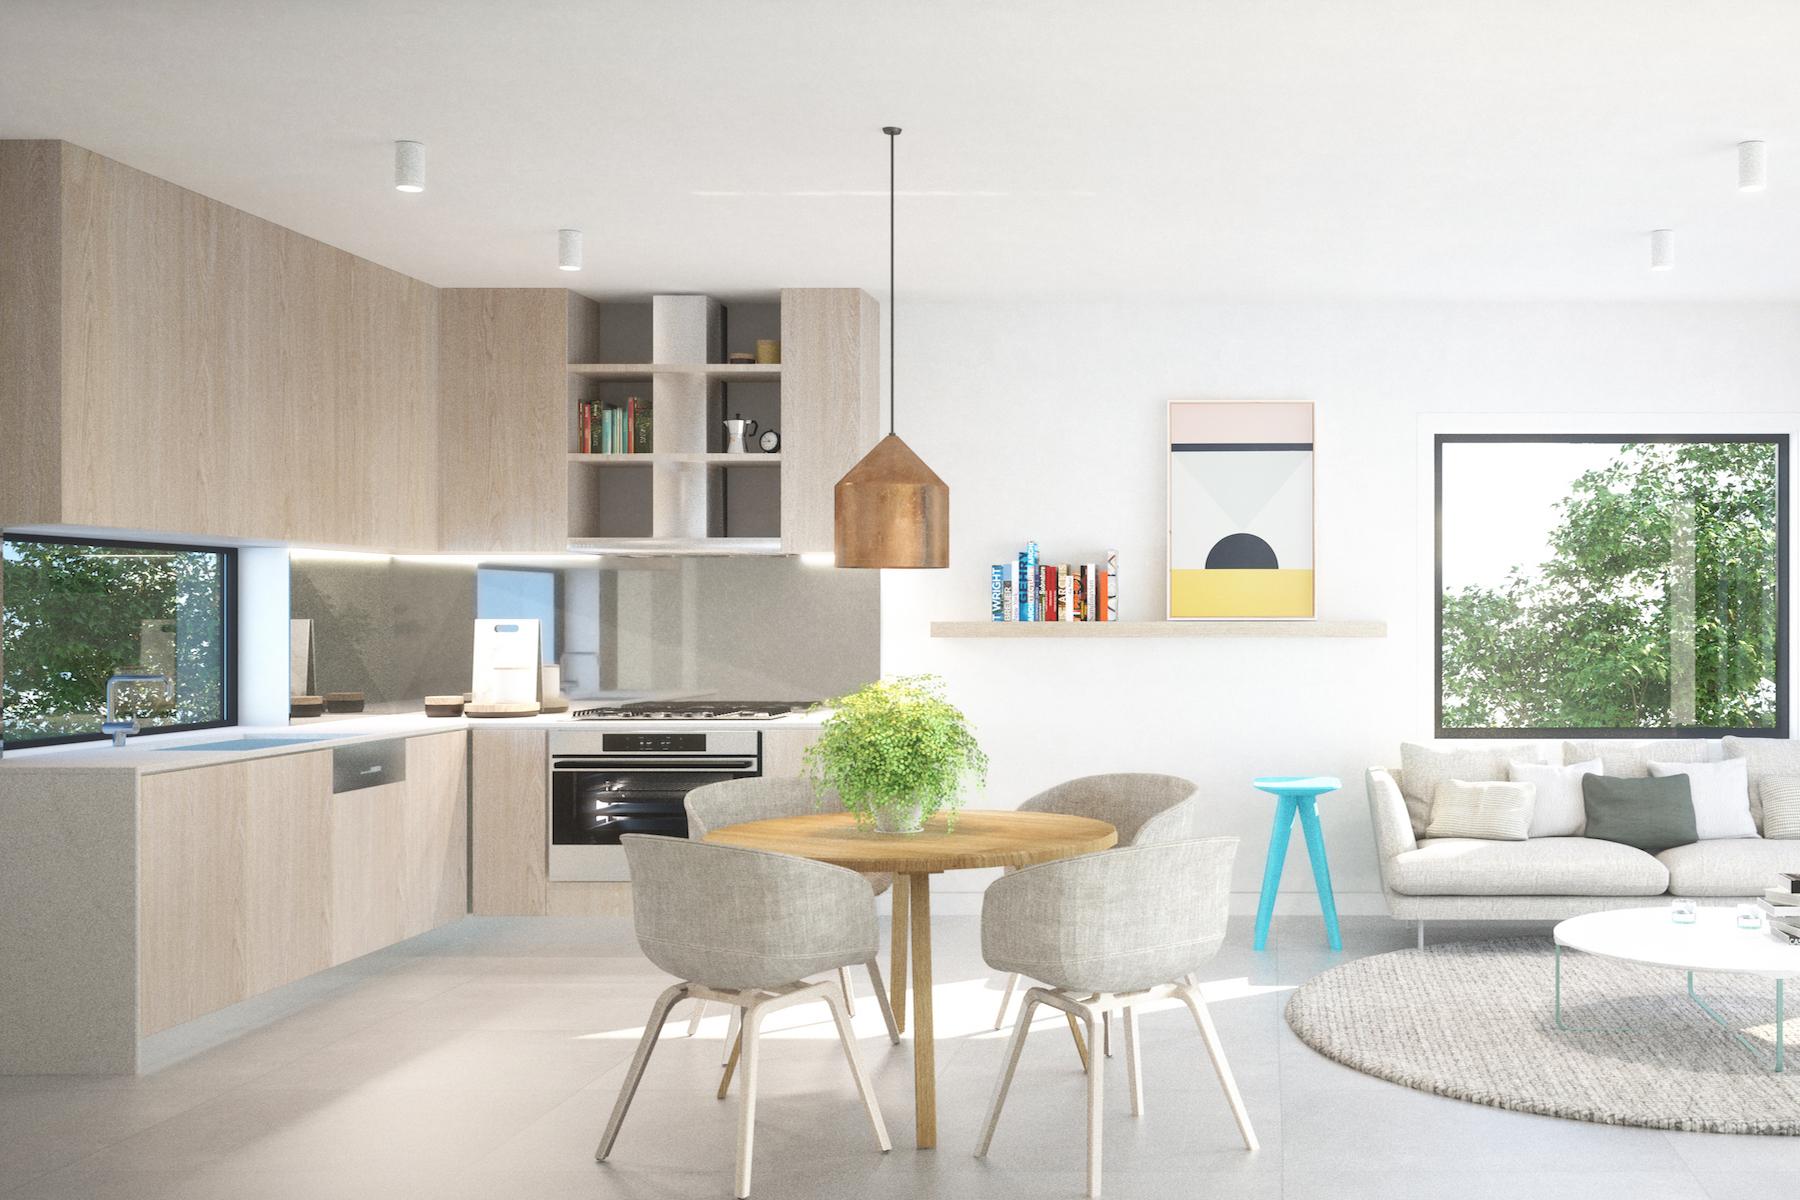 Villa per Vendita alle ore 2 at 66 Cottesloe Crescent, Se Other Victoria, Victoria, 6173 Australia